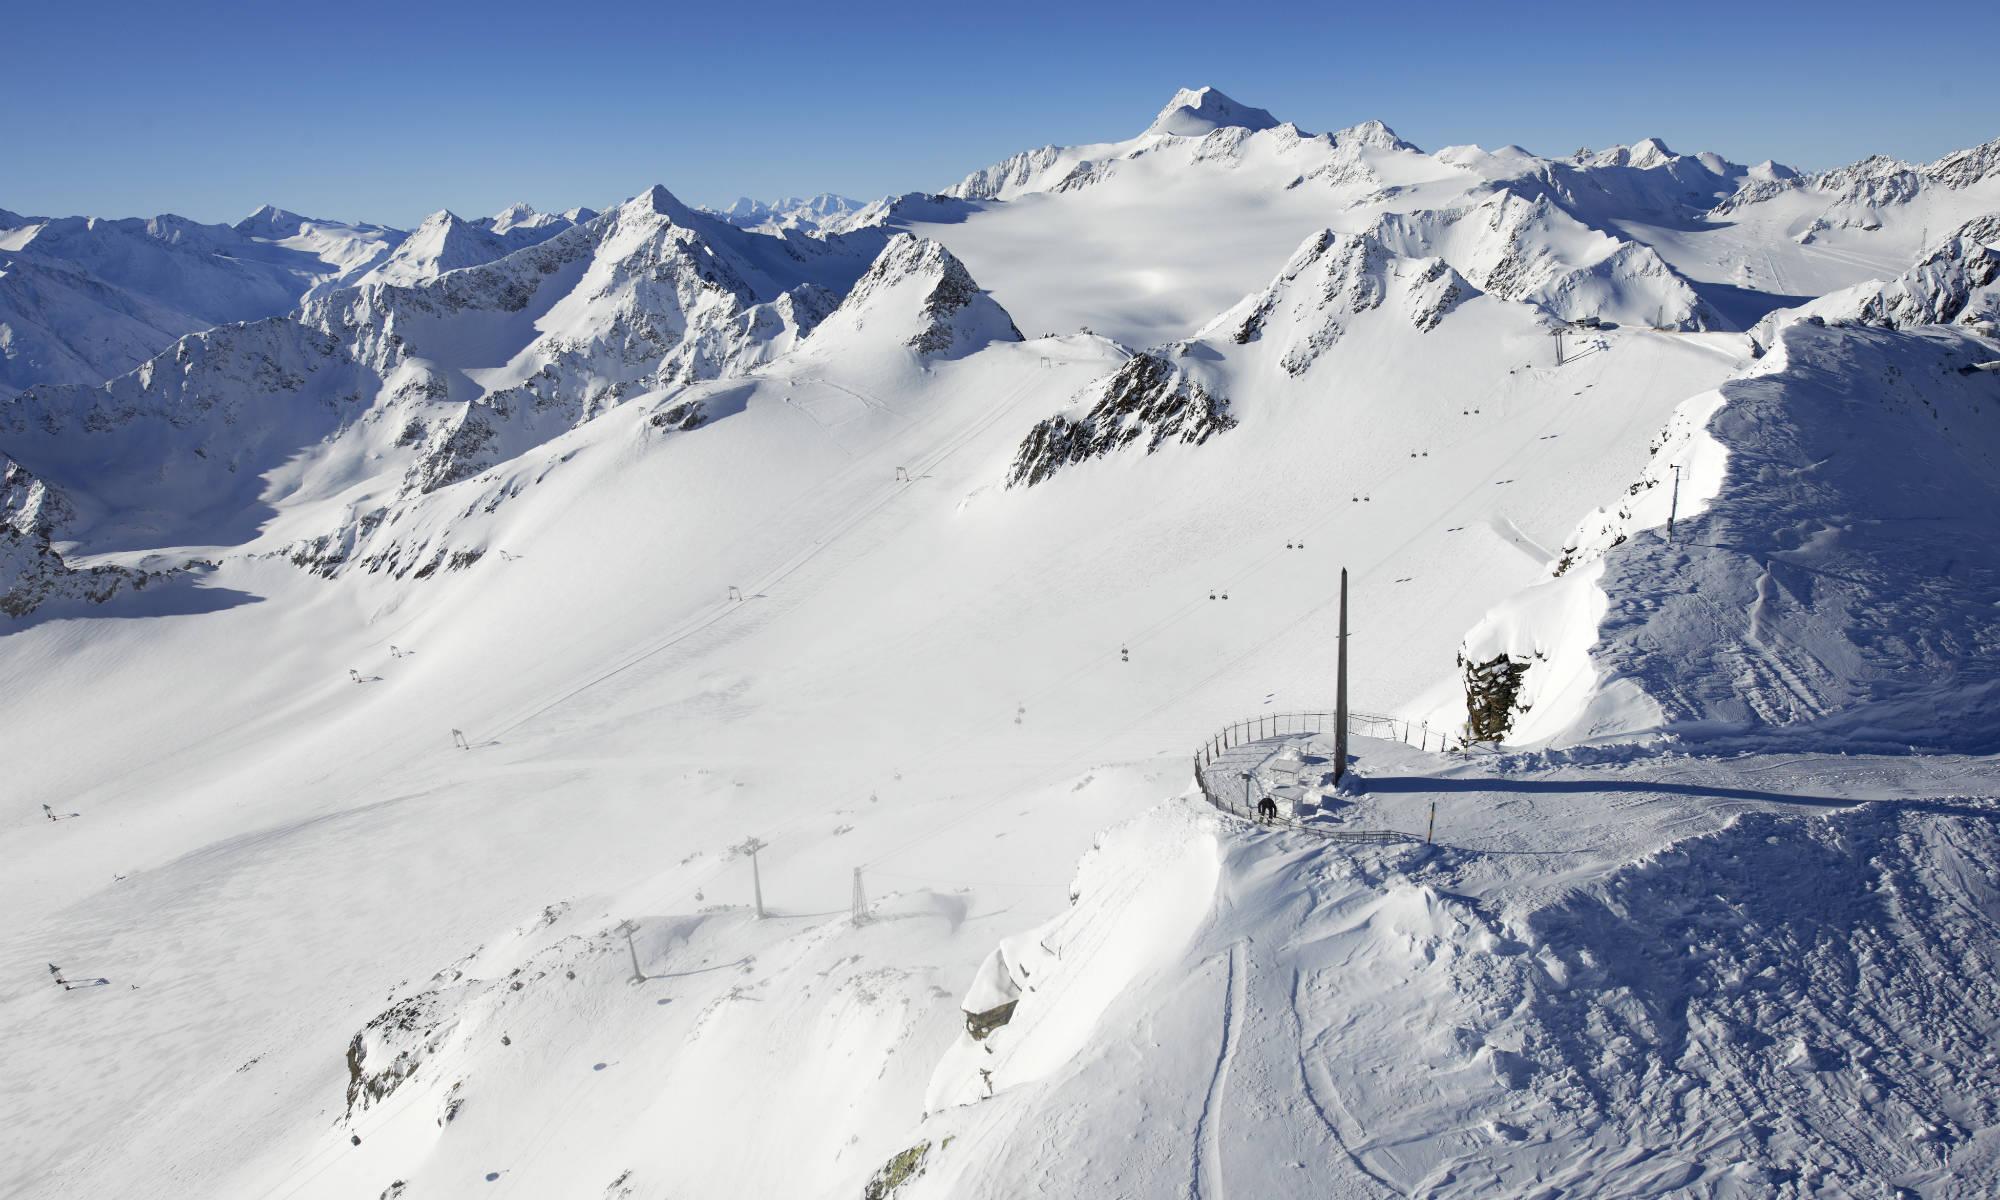 Von der Schwarzen Schneid hat man einen traumhaften Ausblick auf die höchsten Berge Österreichs.